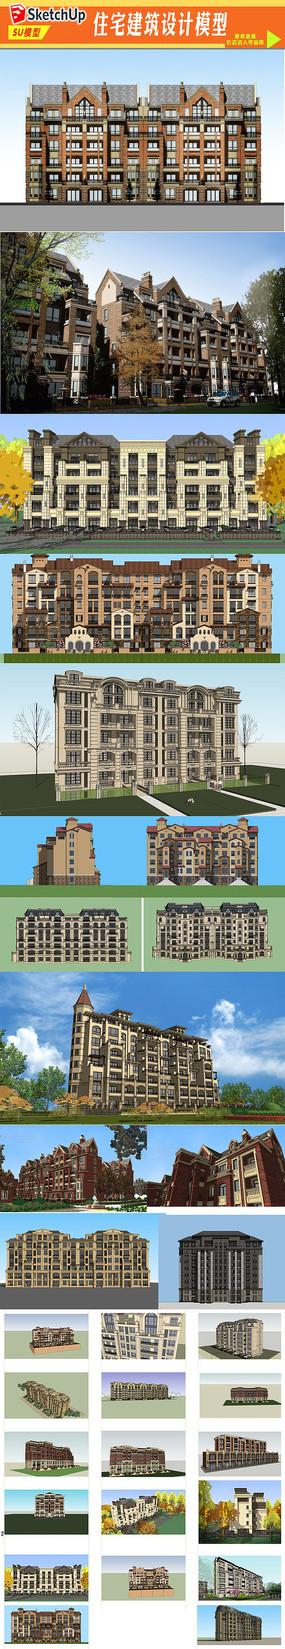 欧式小区住宅建筑设计模型